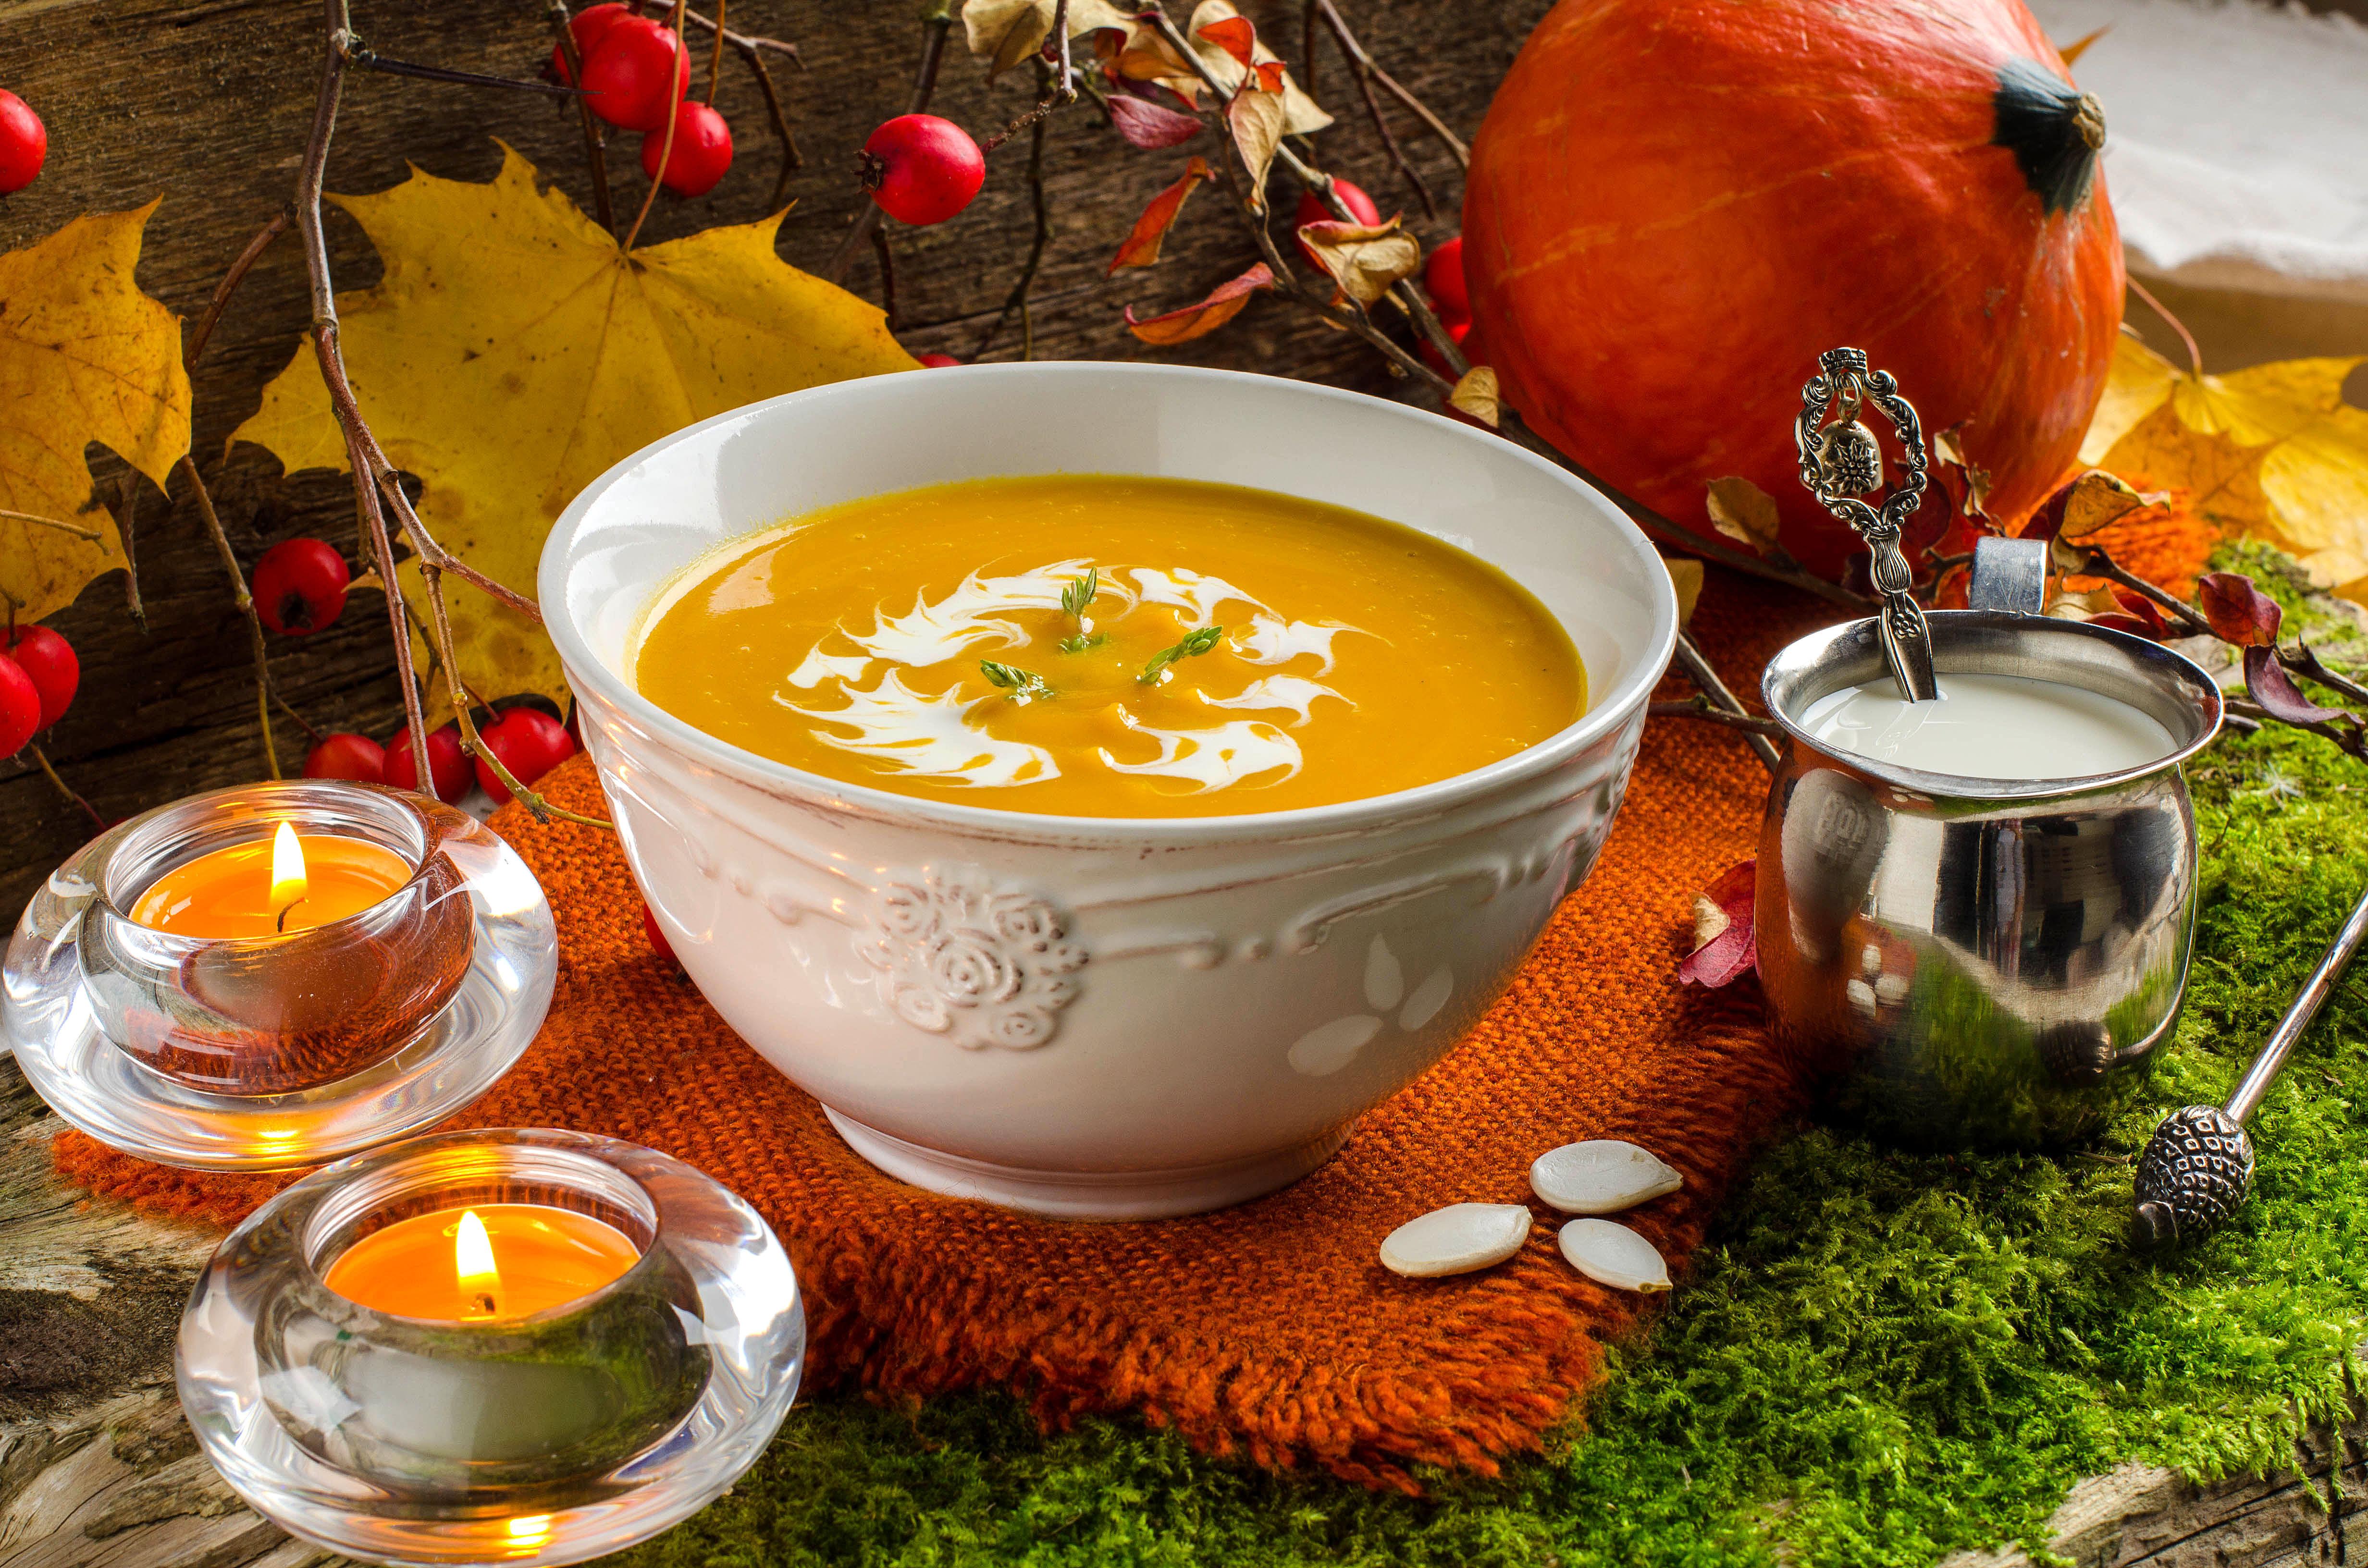 Servera gärna soppan med en klick crème fraiche och färsk koriander.